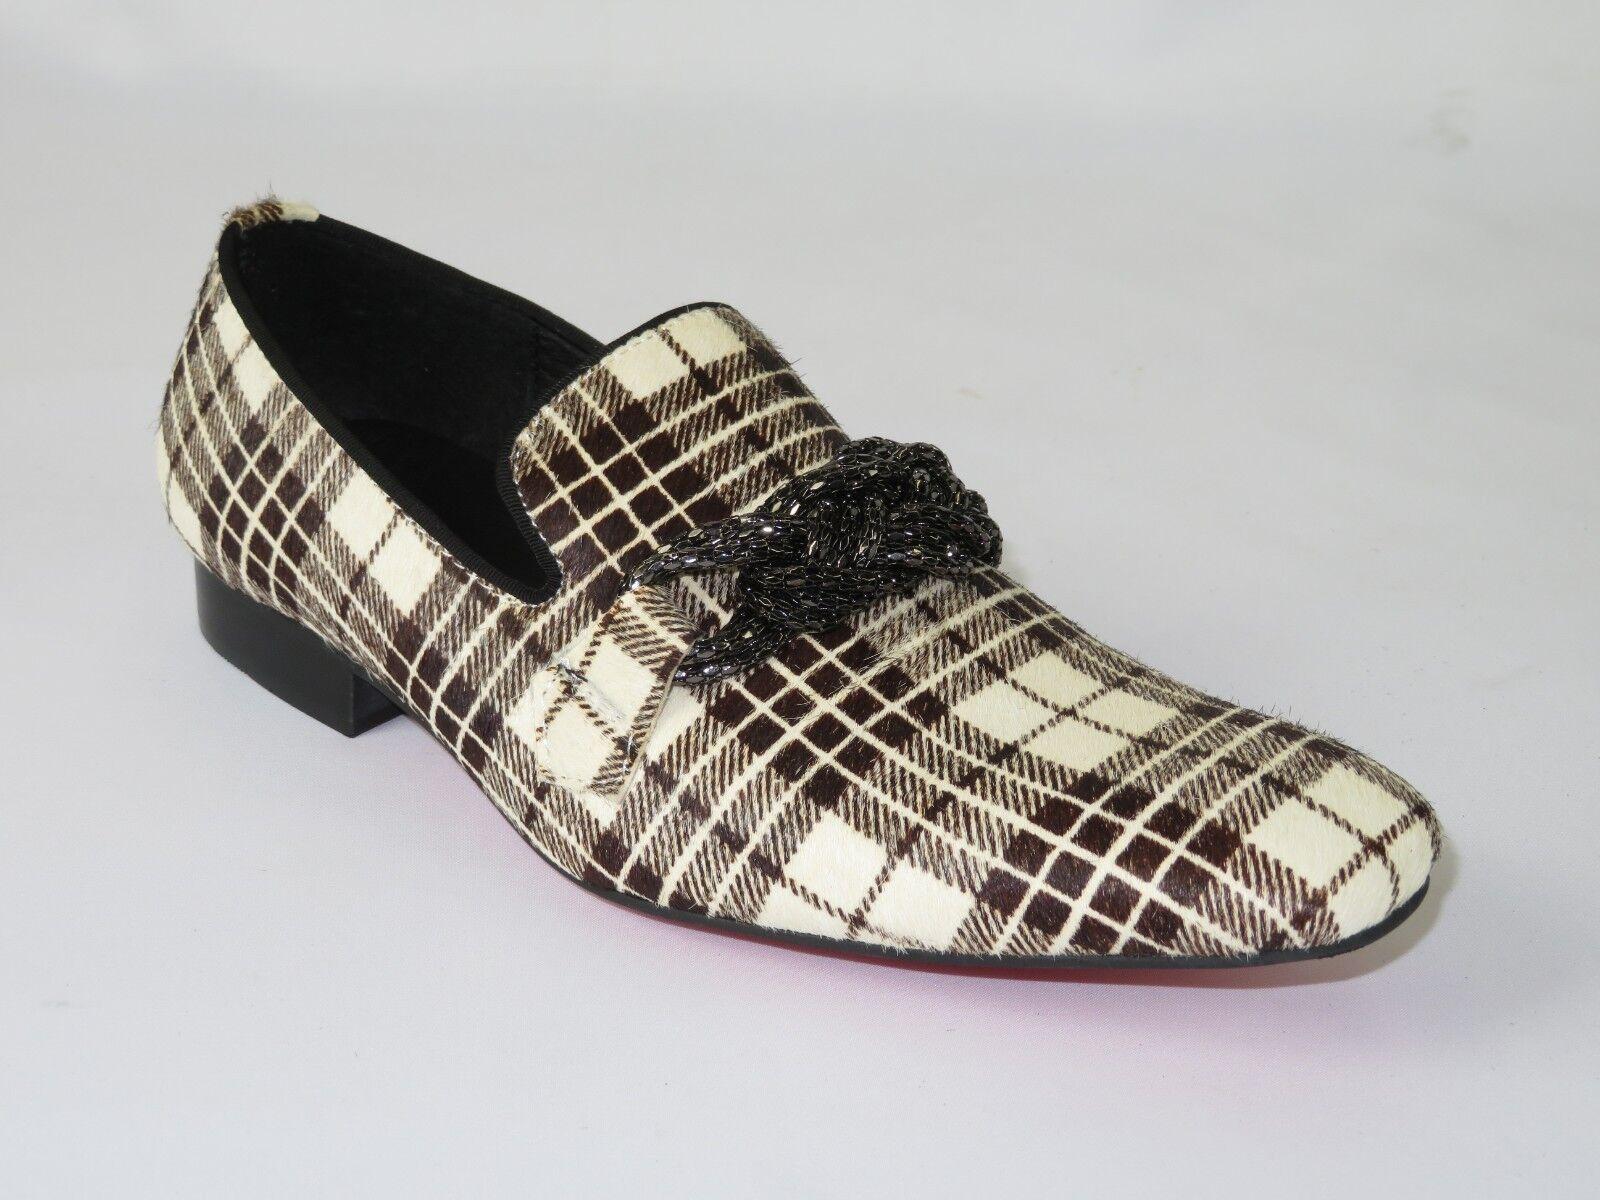 fornire un prodotto di qualità Mens scarpe Fiesso By Aurelio Garcia Pony Pony Pony hair English Plaid Slip on Fi7291 Marrone  prezzi bassi di tutti i giorni